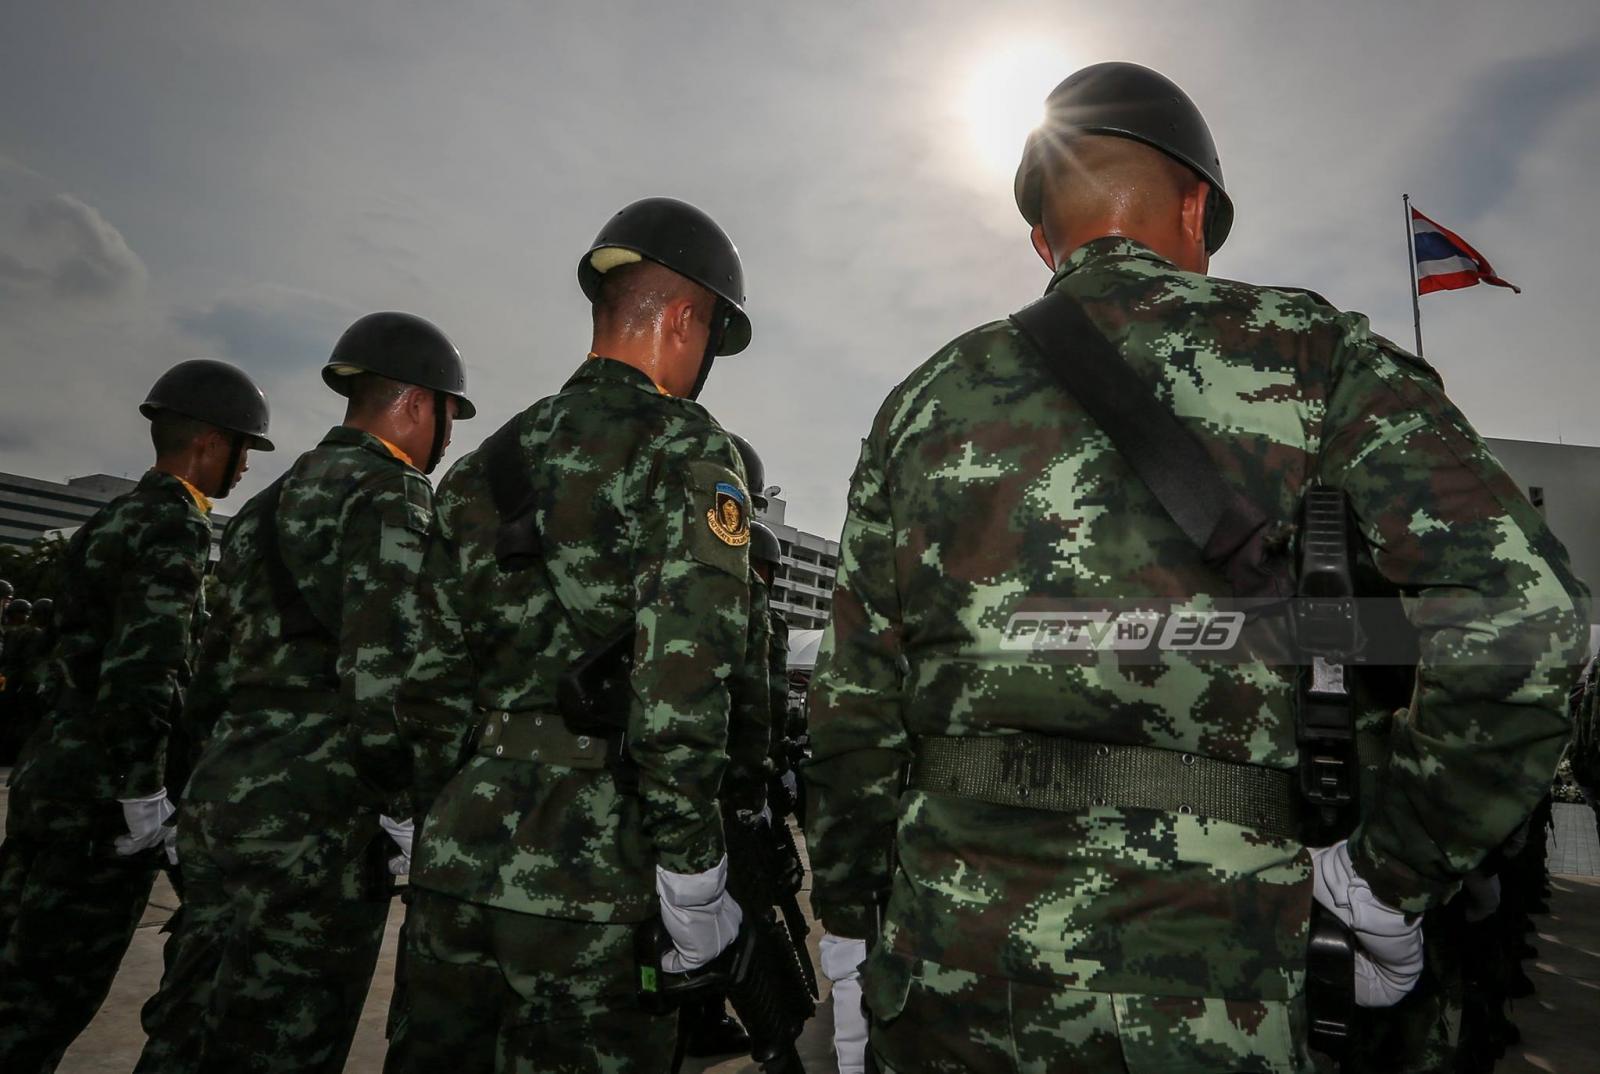 การเหยียดหยามเกียรติภูมิทหาร ถือเป็นเรื่องที่กองทัพรับไม่ได้